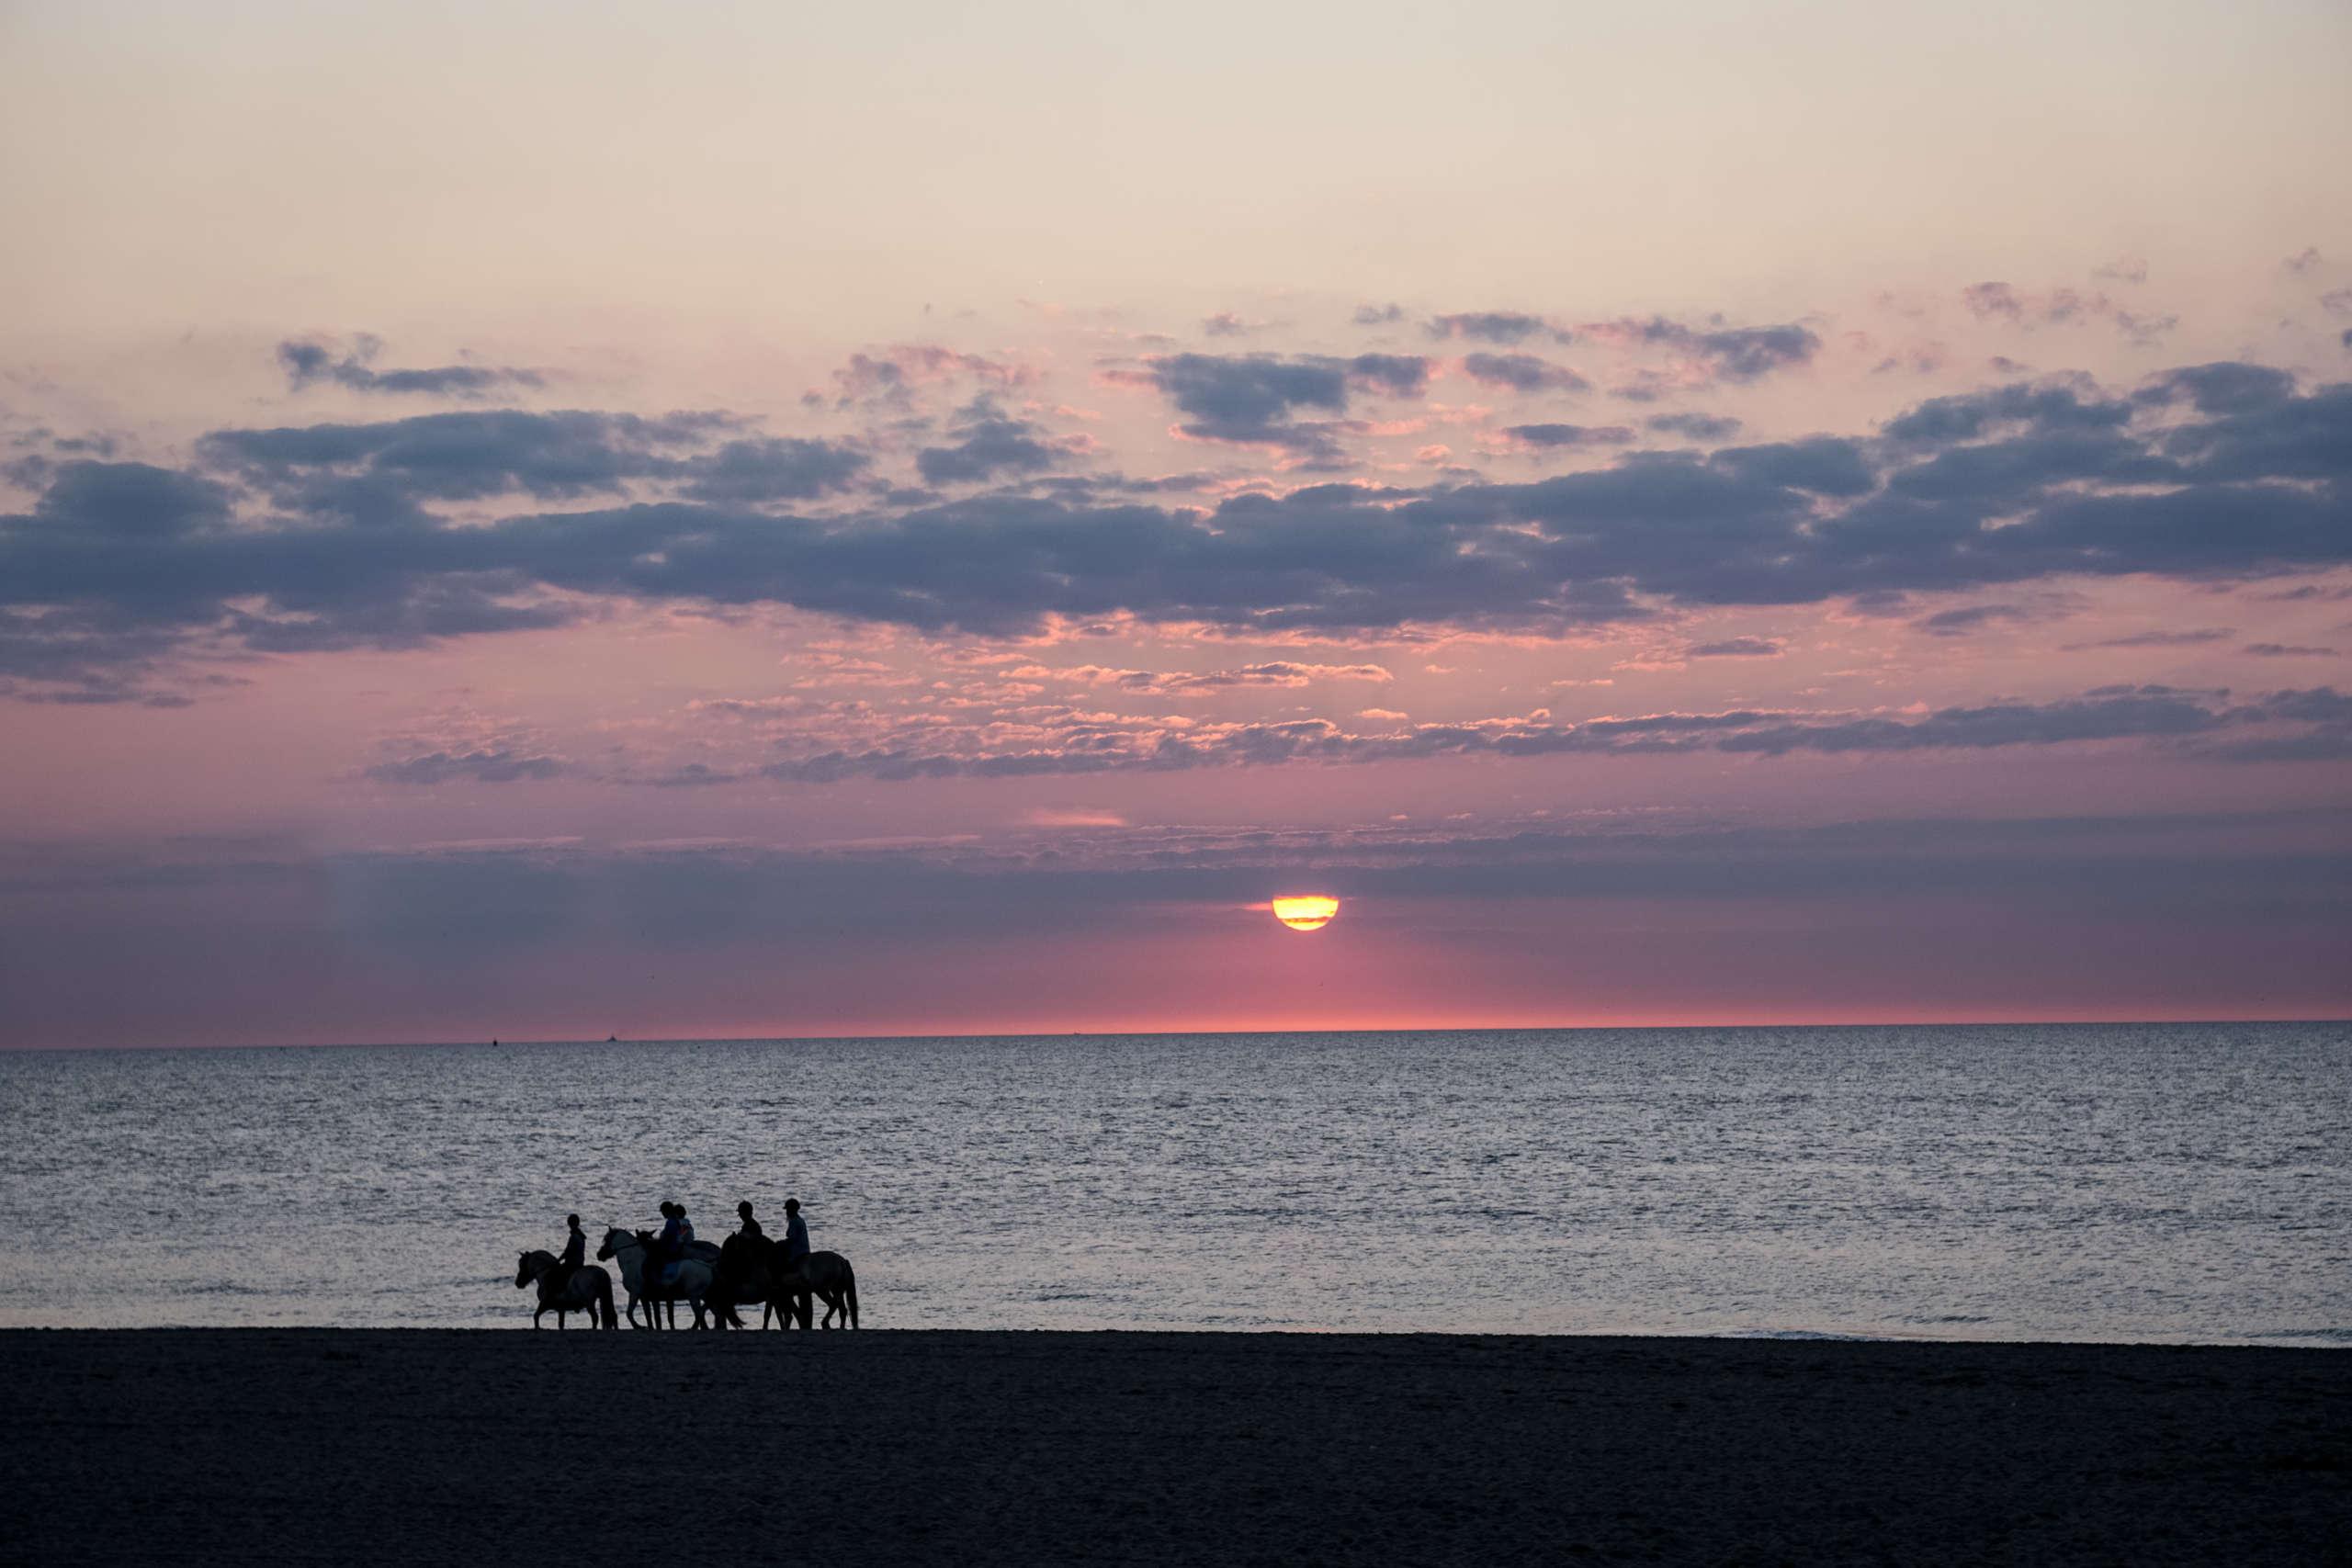 Sonnenuntergang am Meer, Reiter reiten den Strand entlang